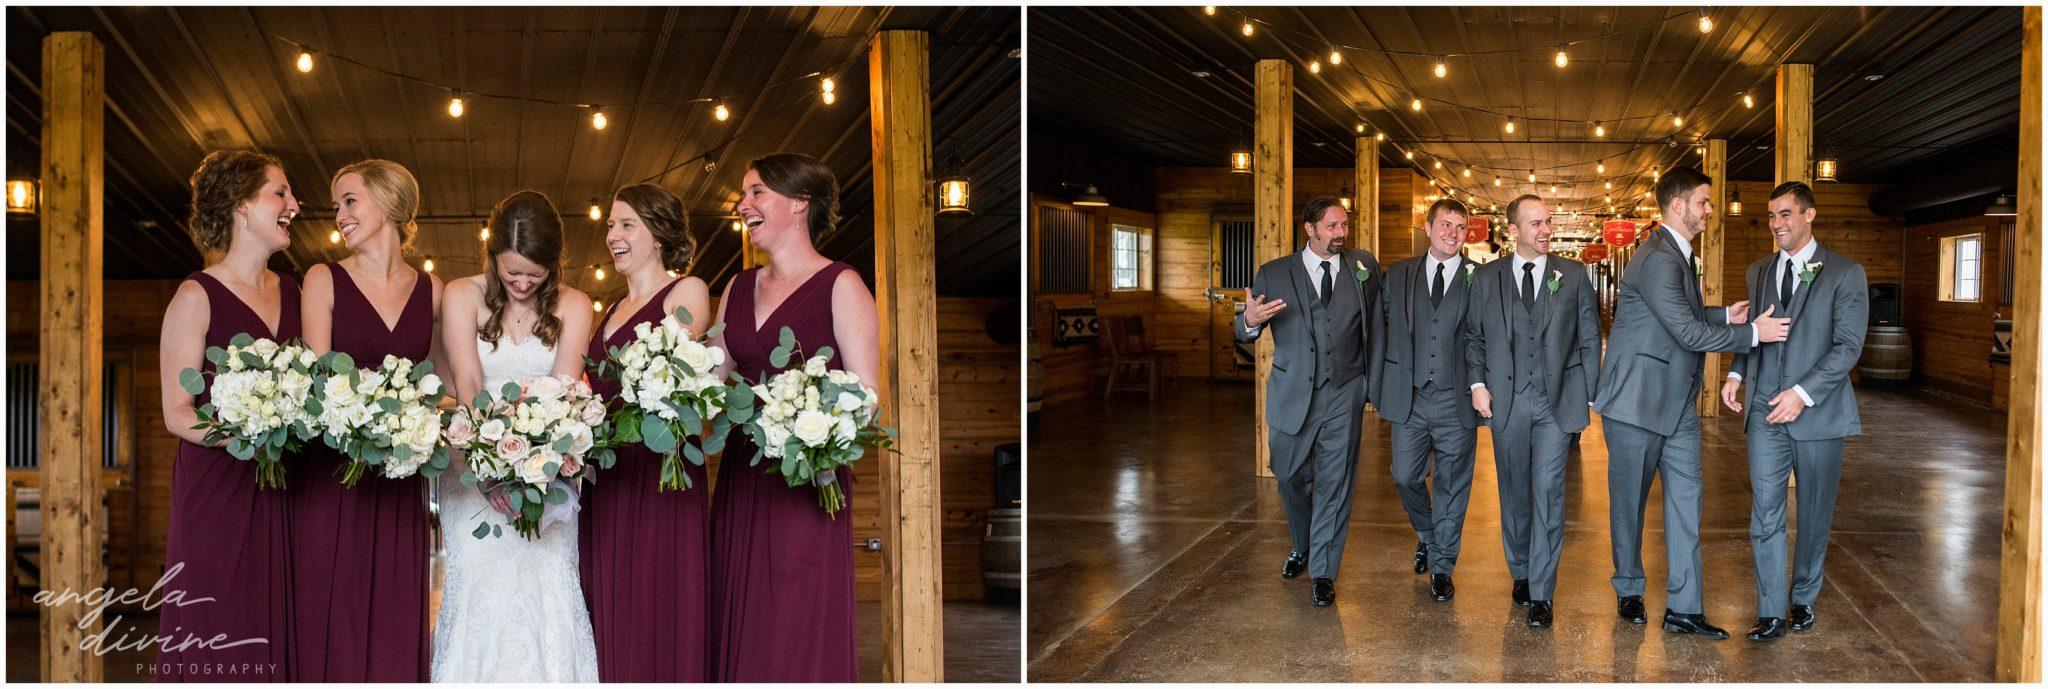 Carlos Creek Winery Wedding Party